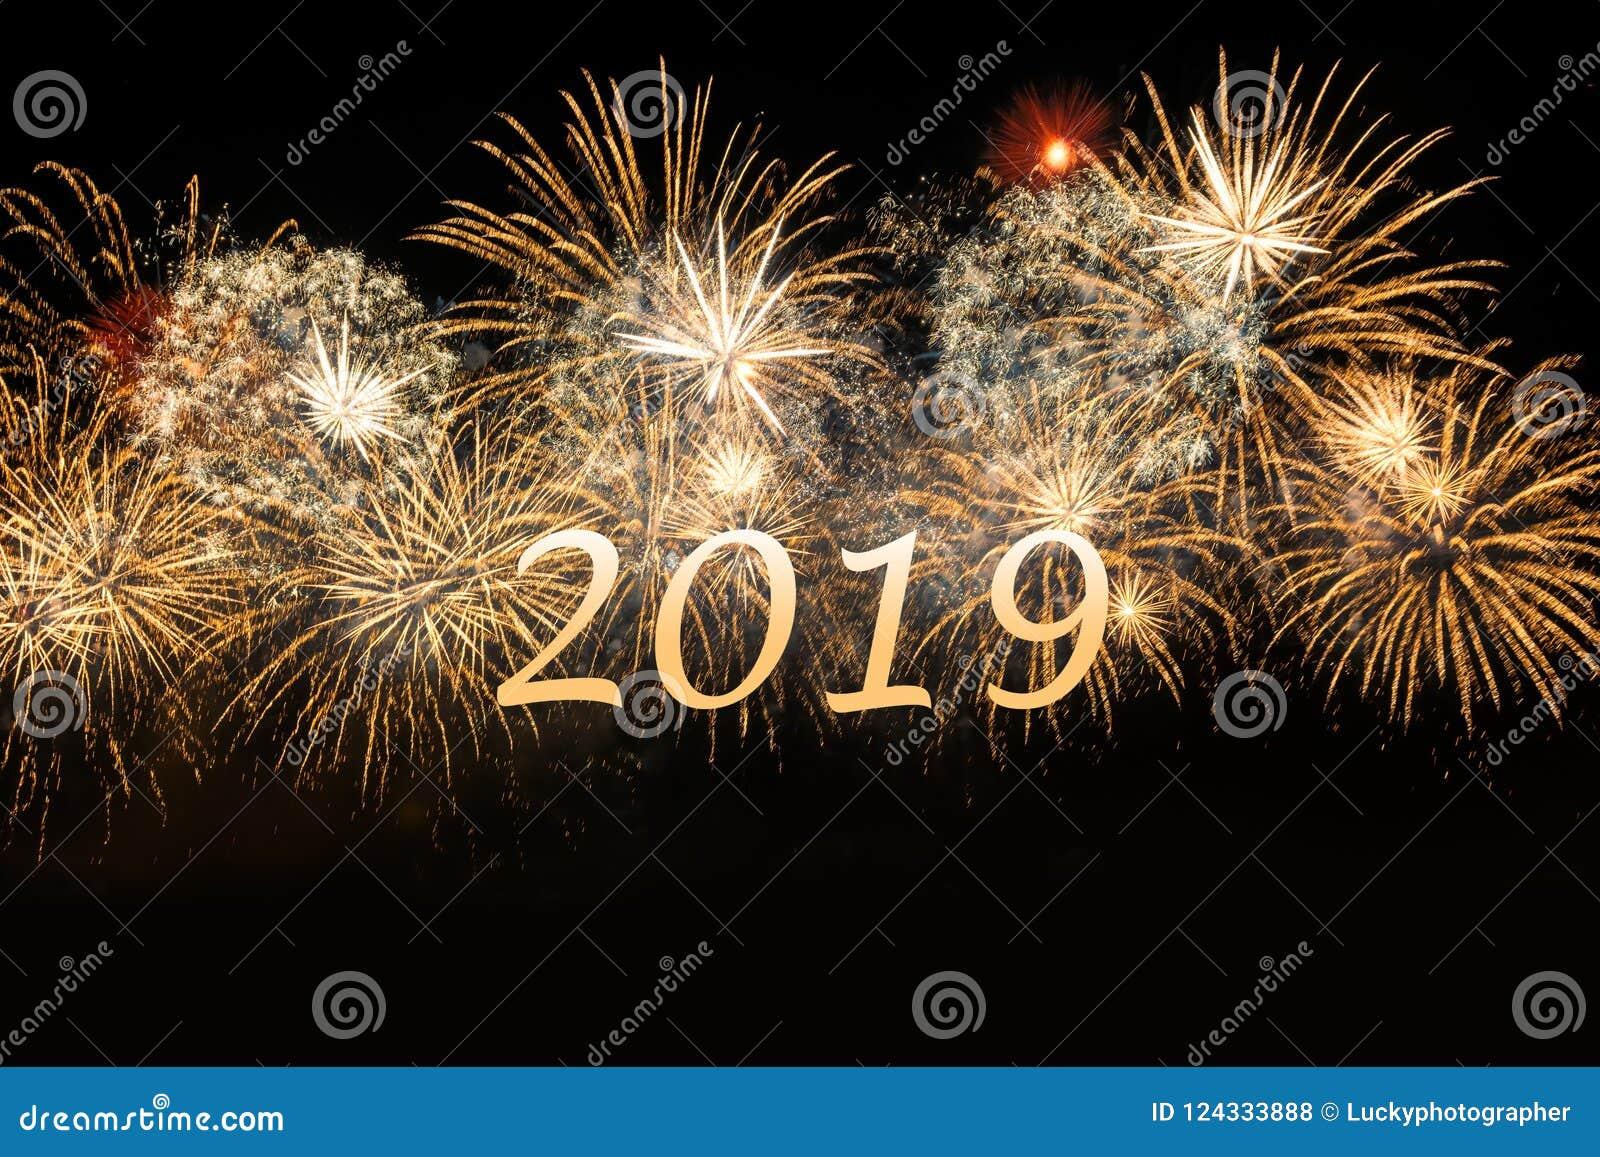 Fuegos Artificiales De Oro 2019 De La Celebracion Del Ano Nuevo Foto